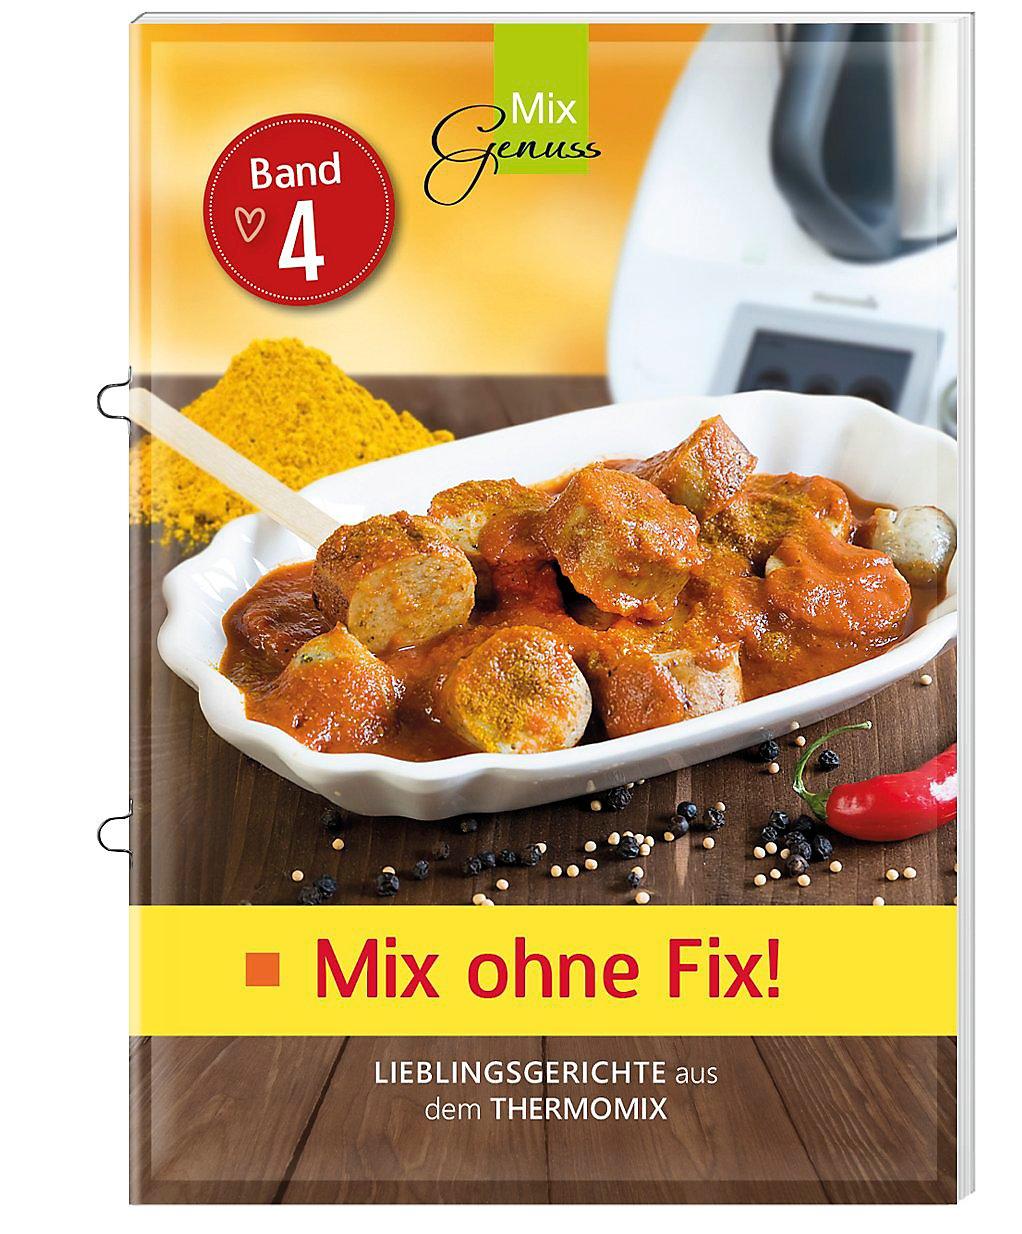 Mix Ohne Fix Veggie Lieblingsgerichte Aus Wiring Library Fuse Box In Fiat Ulysse Dem Thermomix